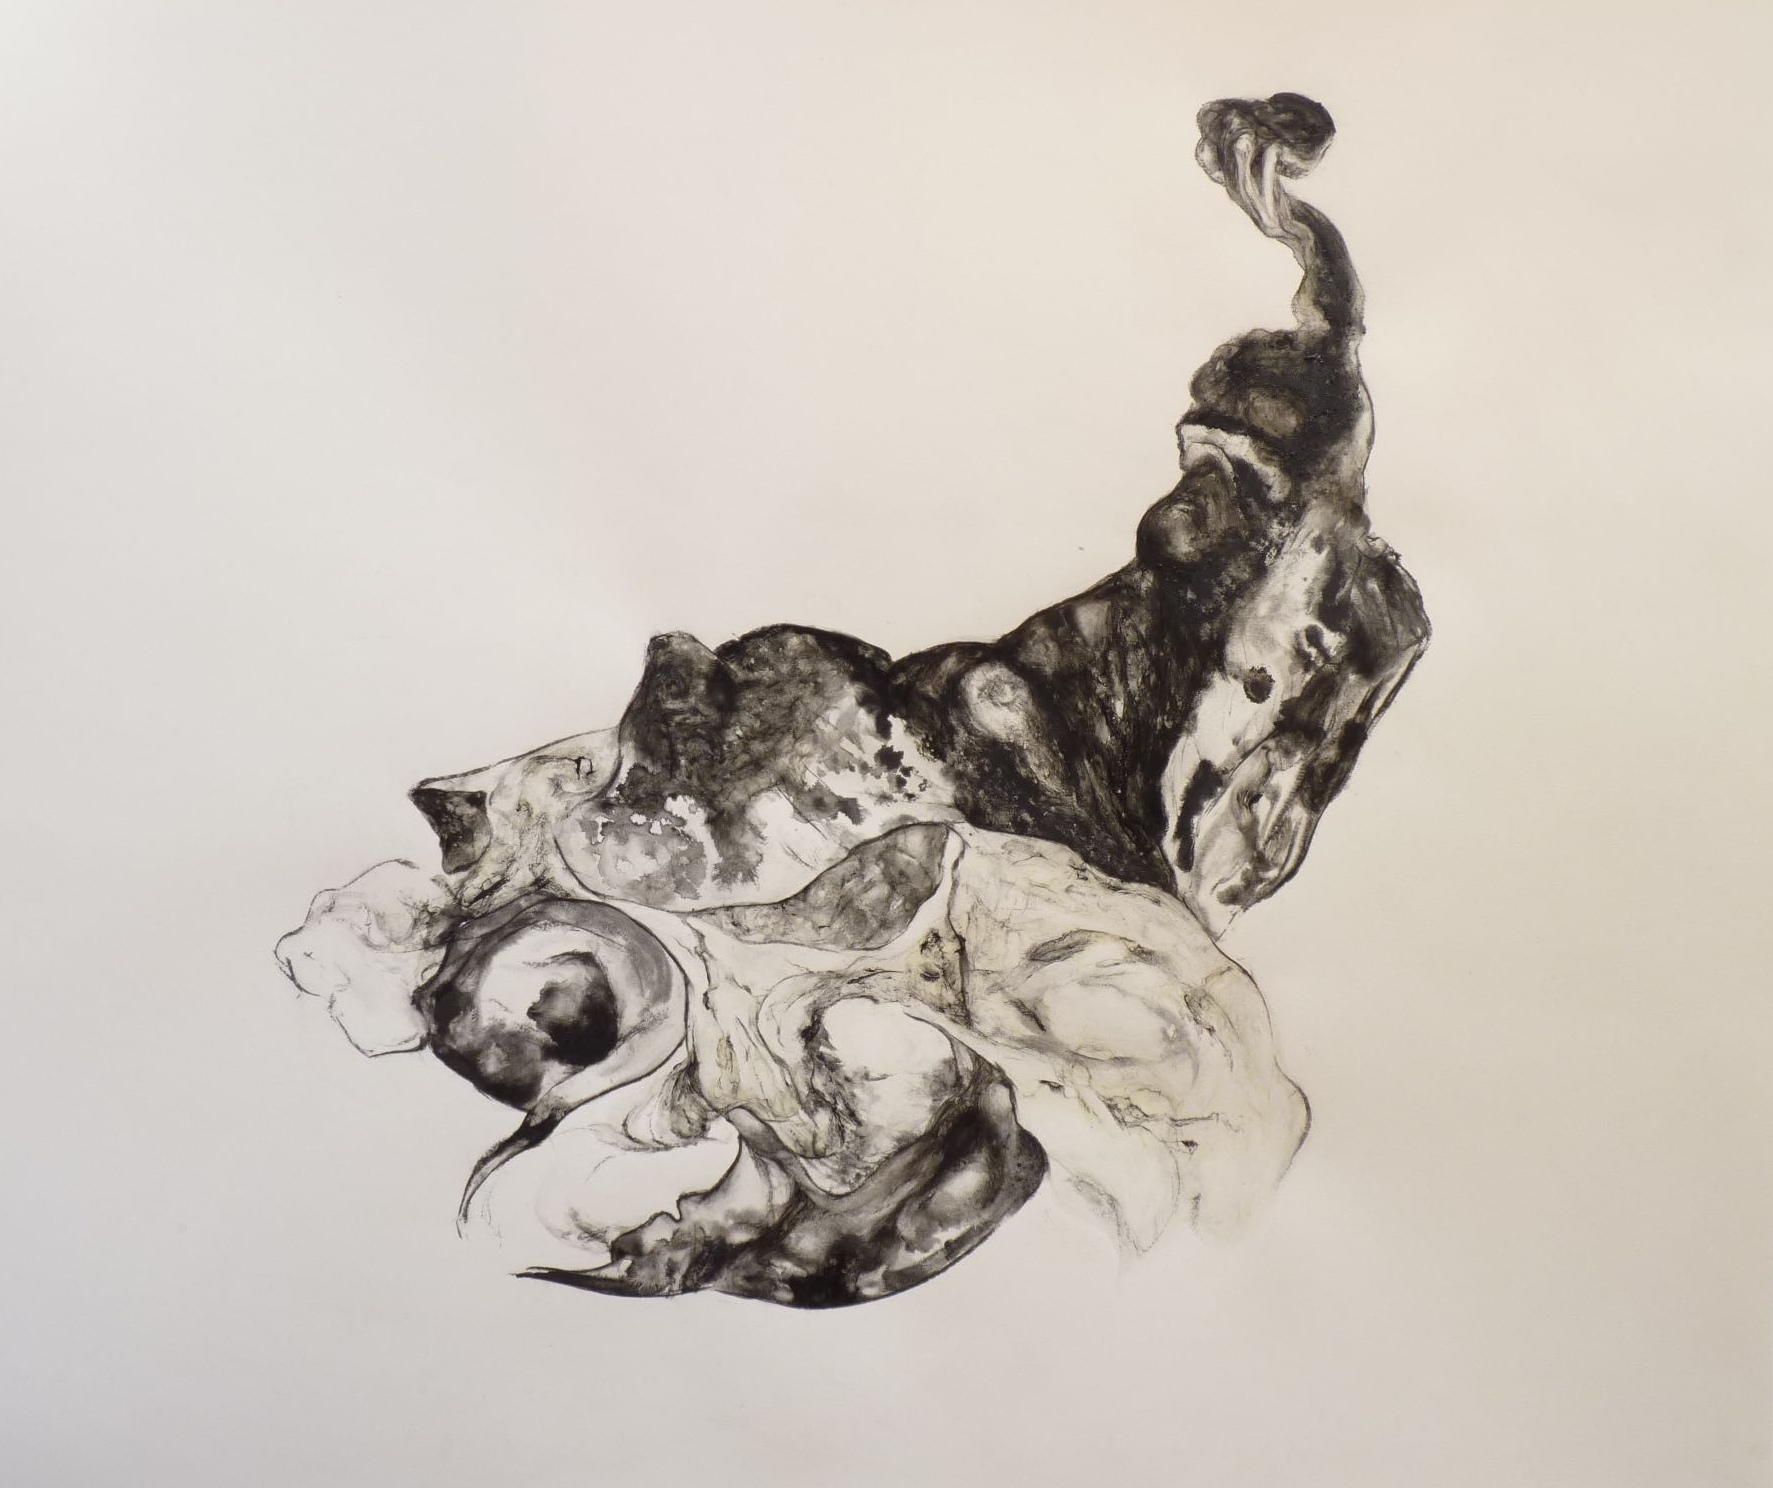 Dessin signé Michel Soudée, galerie Séquence Graphique ||